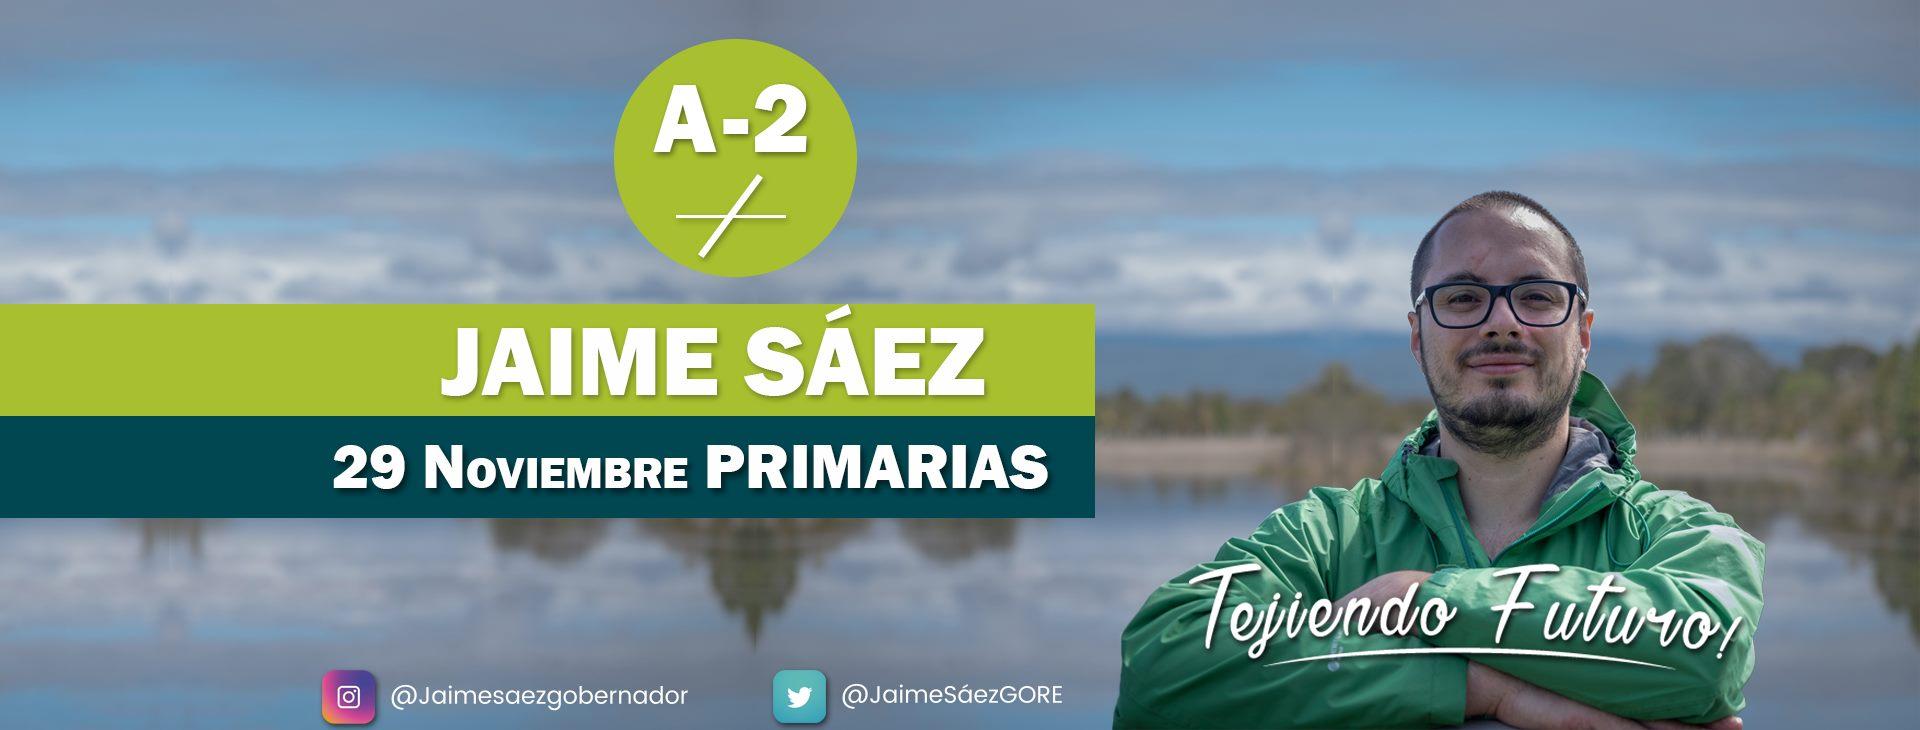 Jaime Sáez